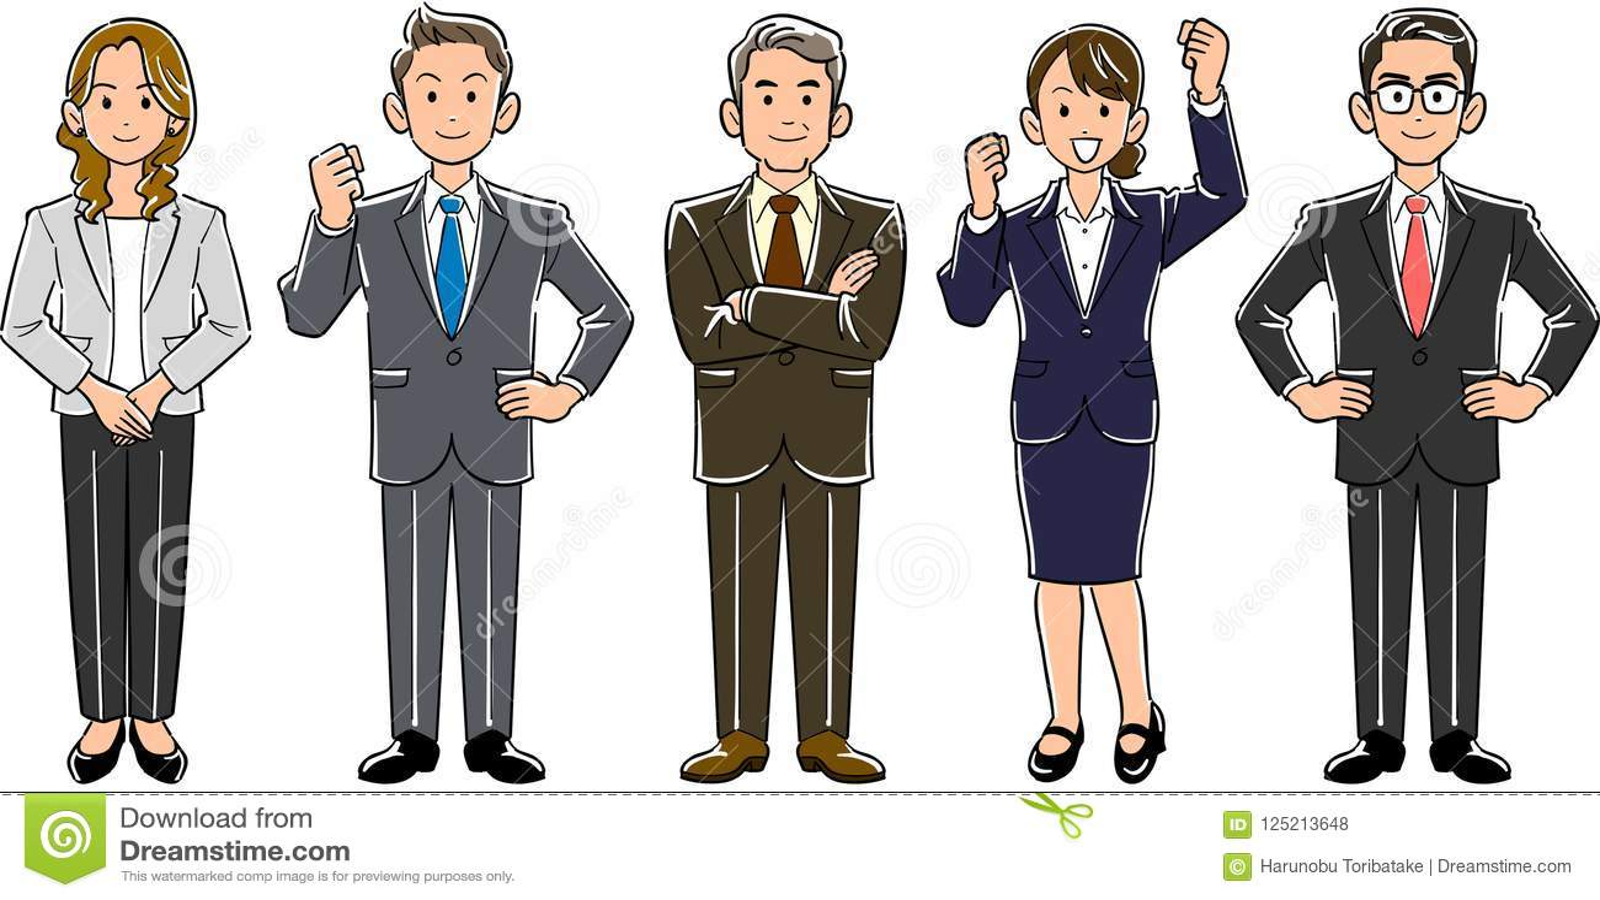 Business team men and women